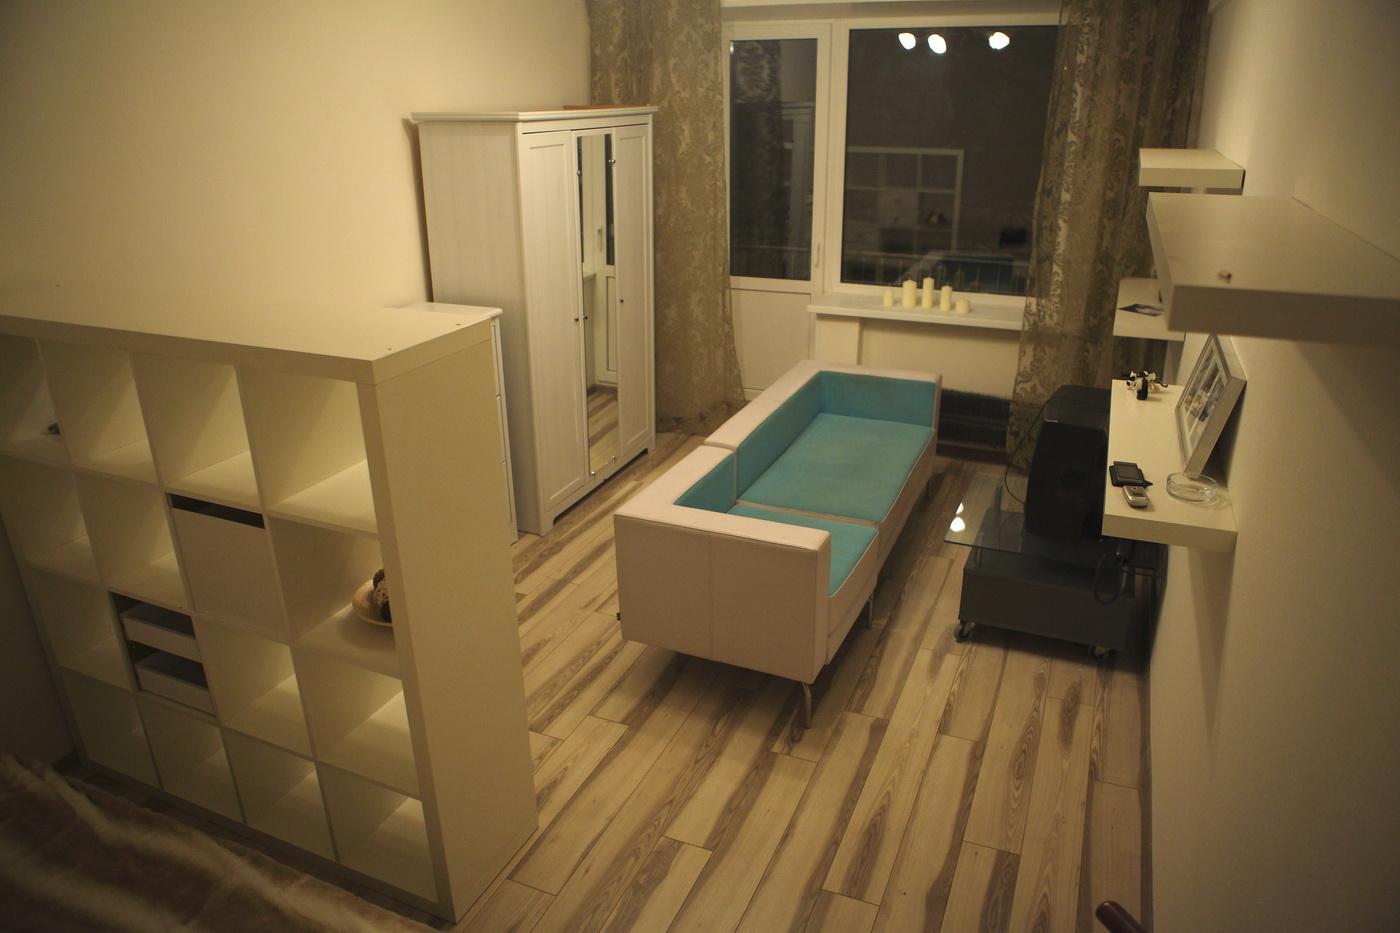 Квартира, 2 комнаты, 45 м² в Москве 89263203260 купить 4